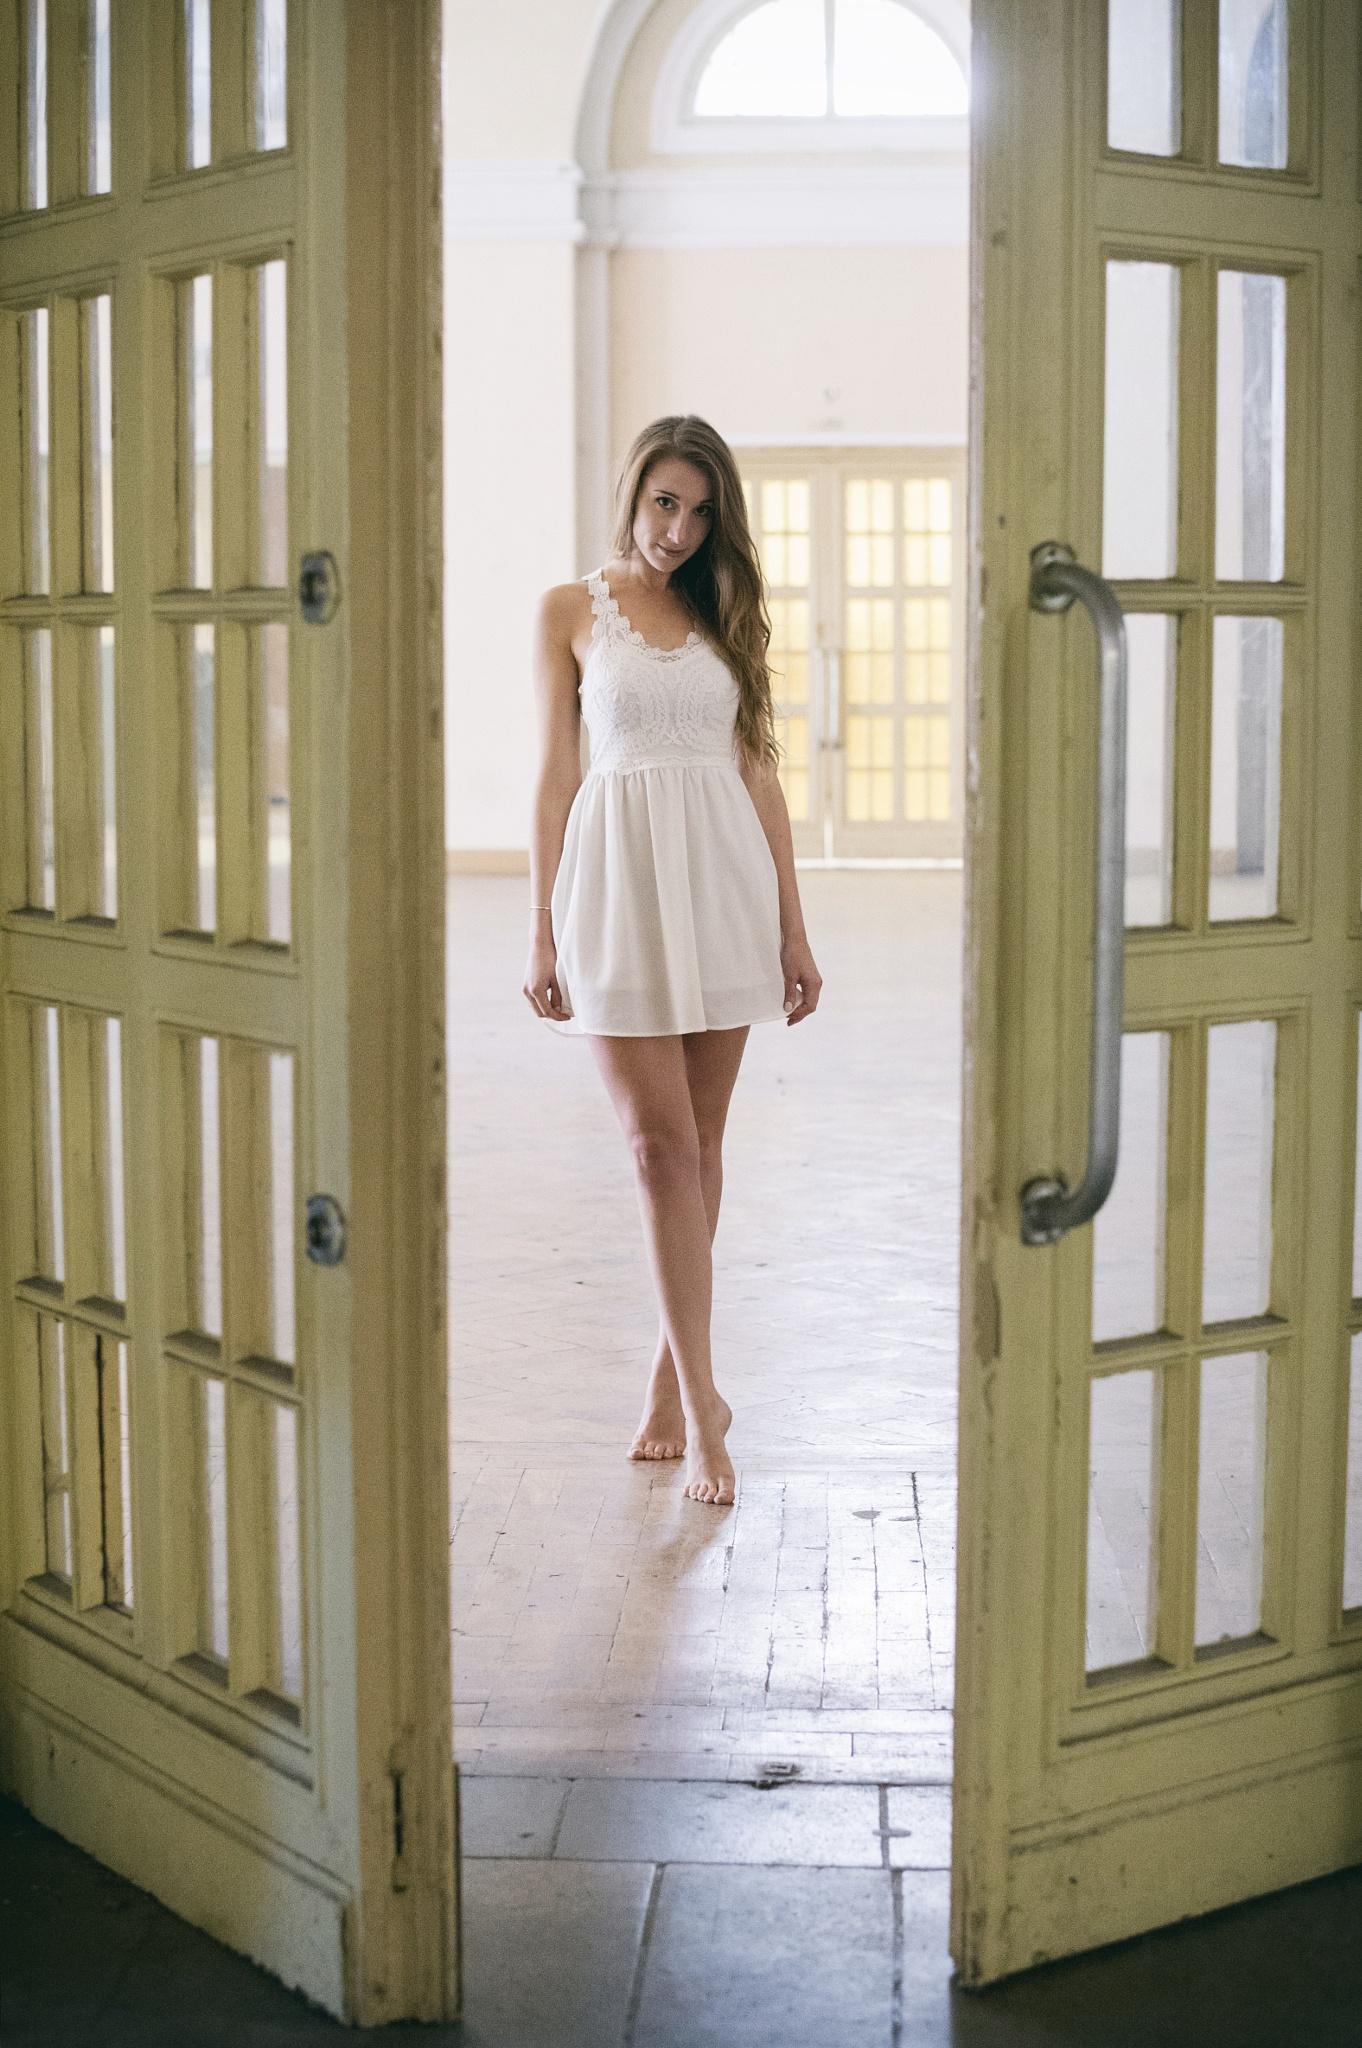 doors and girl by Juergen Freymann